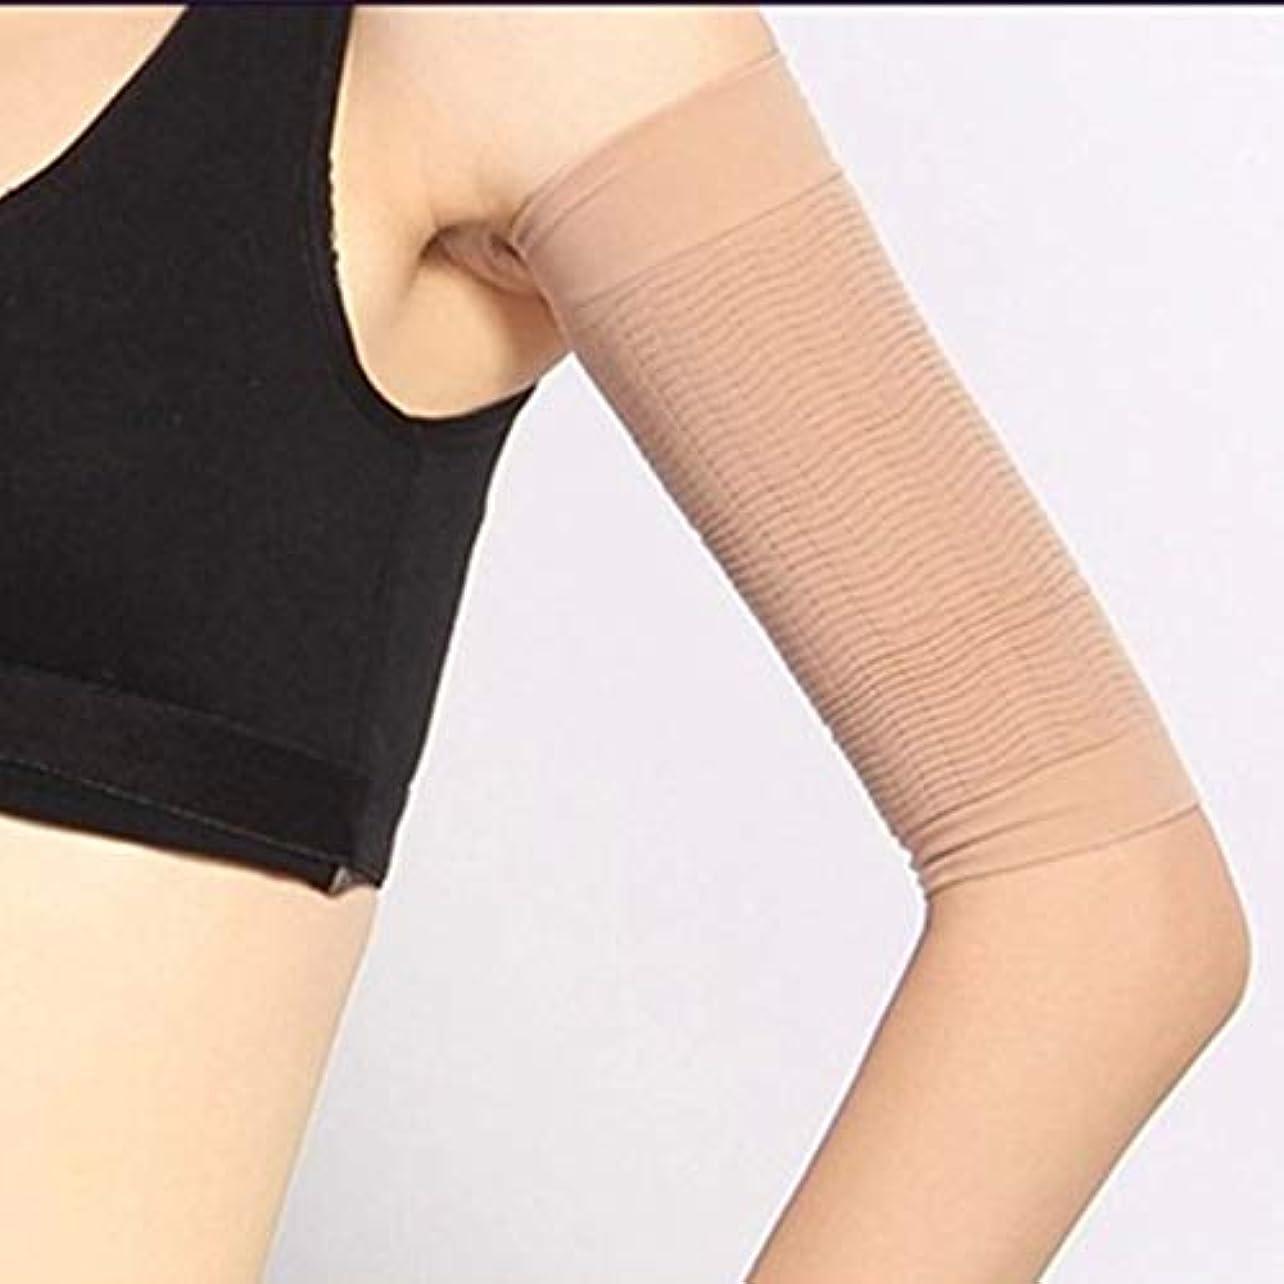 登録する町脱臼する1ペア420 D圧縮痩身アームスリーブワークアウトトーニングバーンセルライトシェイパー脂肪燃焼袖用女性 - 肌色